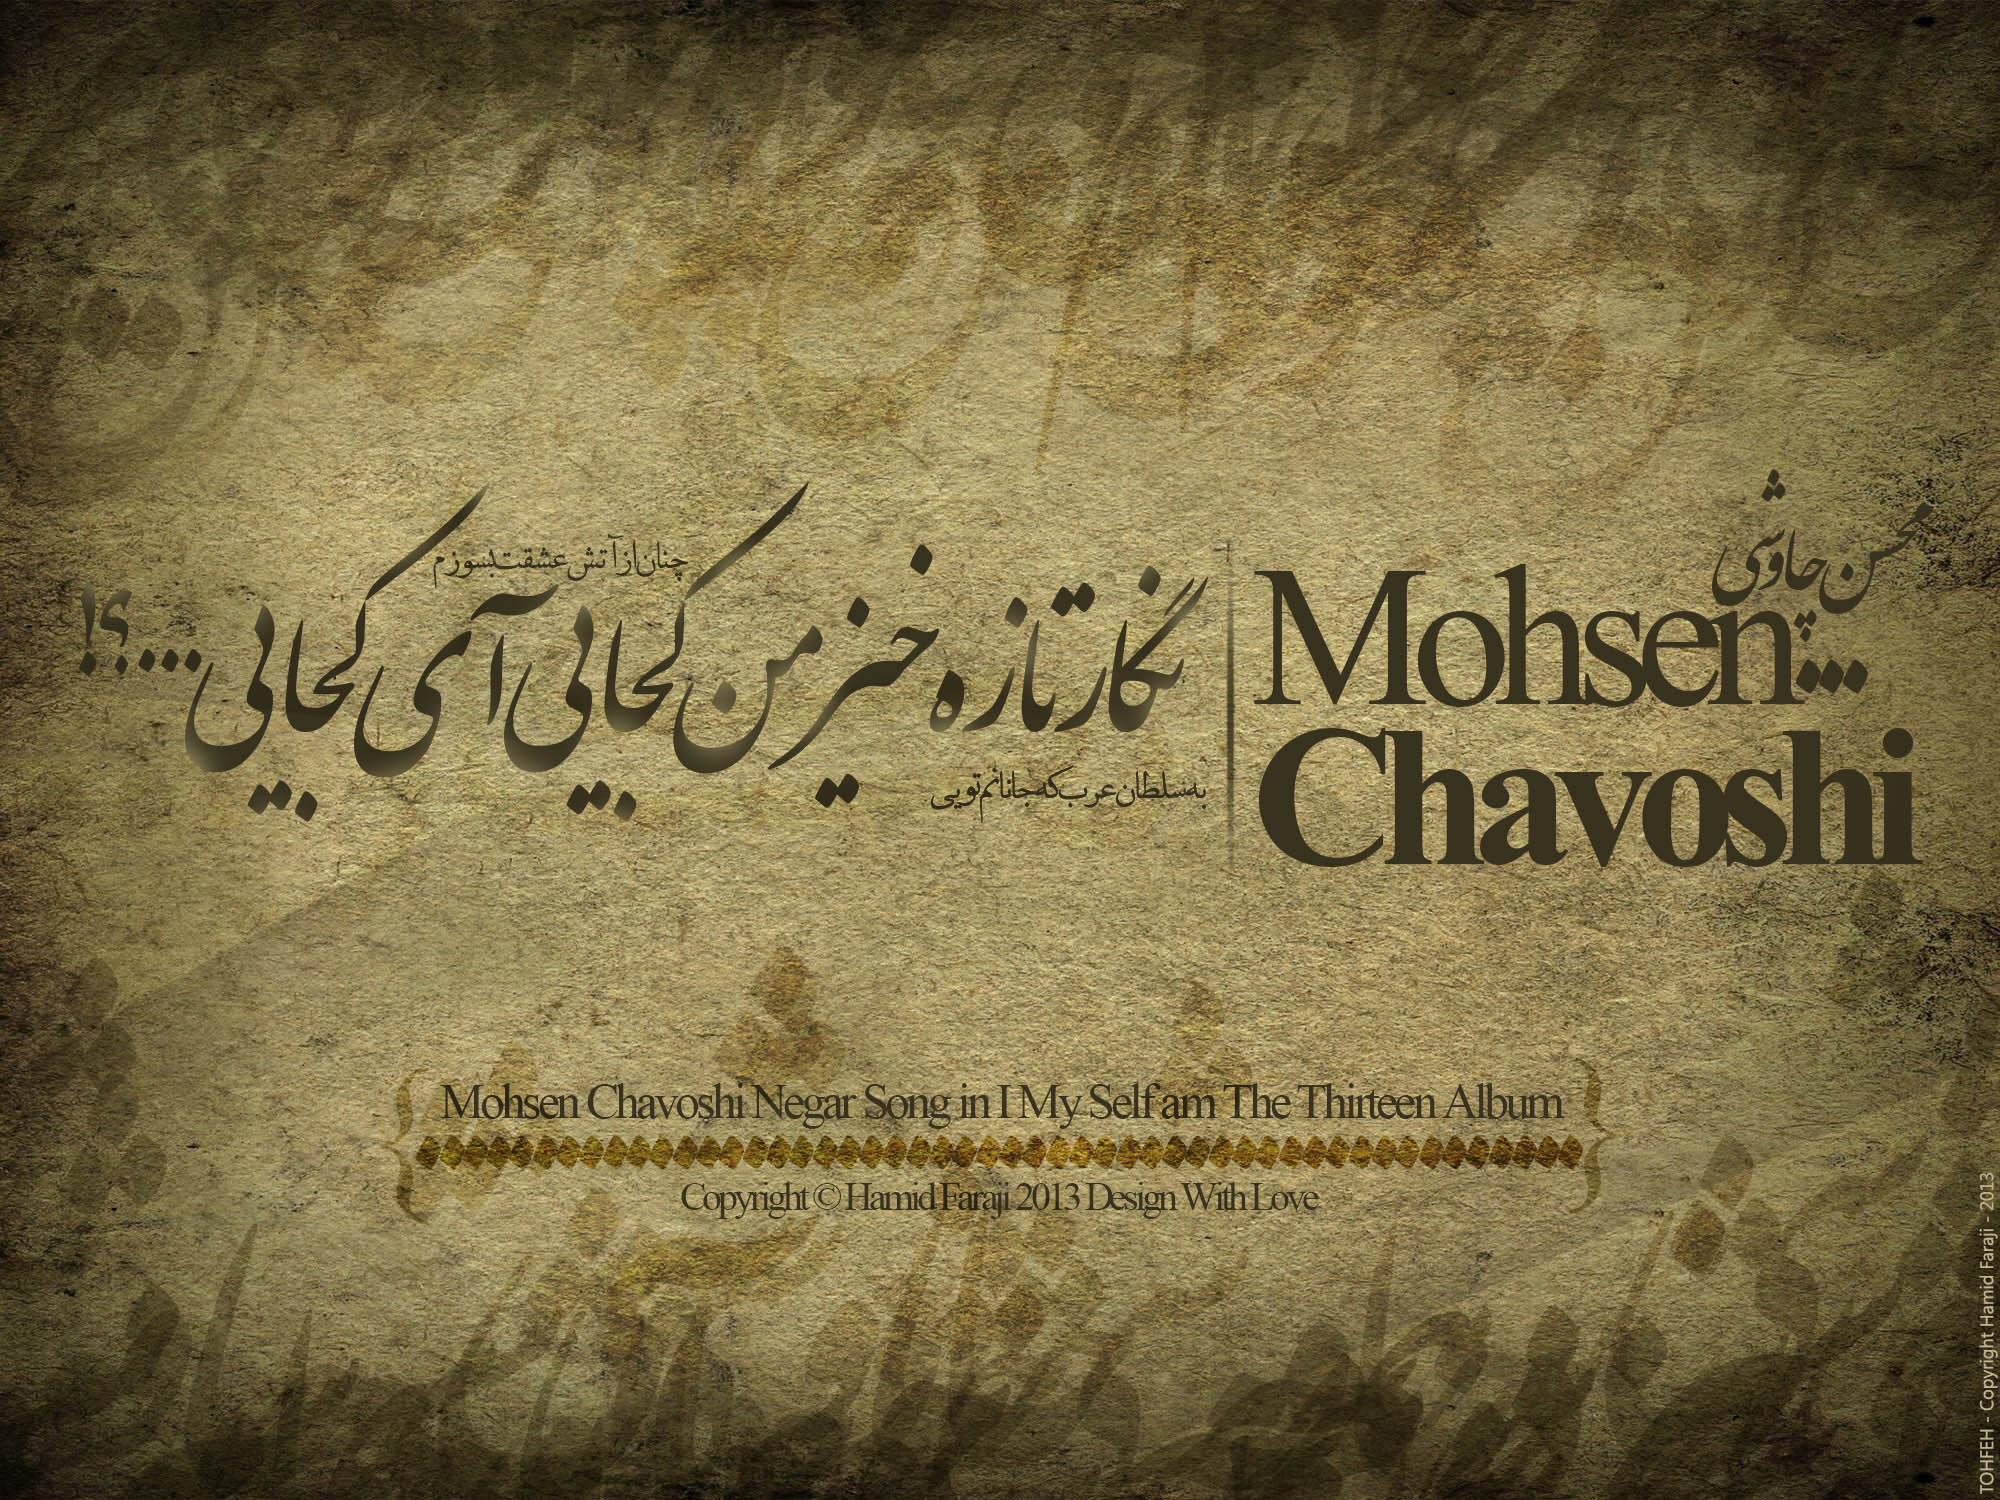 دانلود آهنگ جدید محسن چاوشی به نام نگار